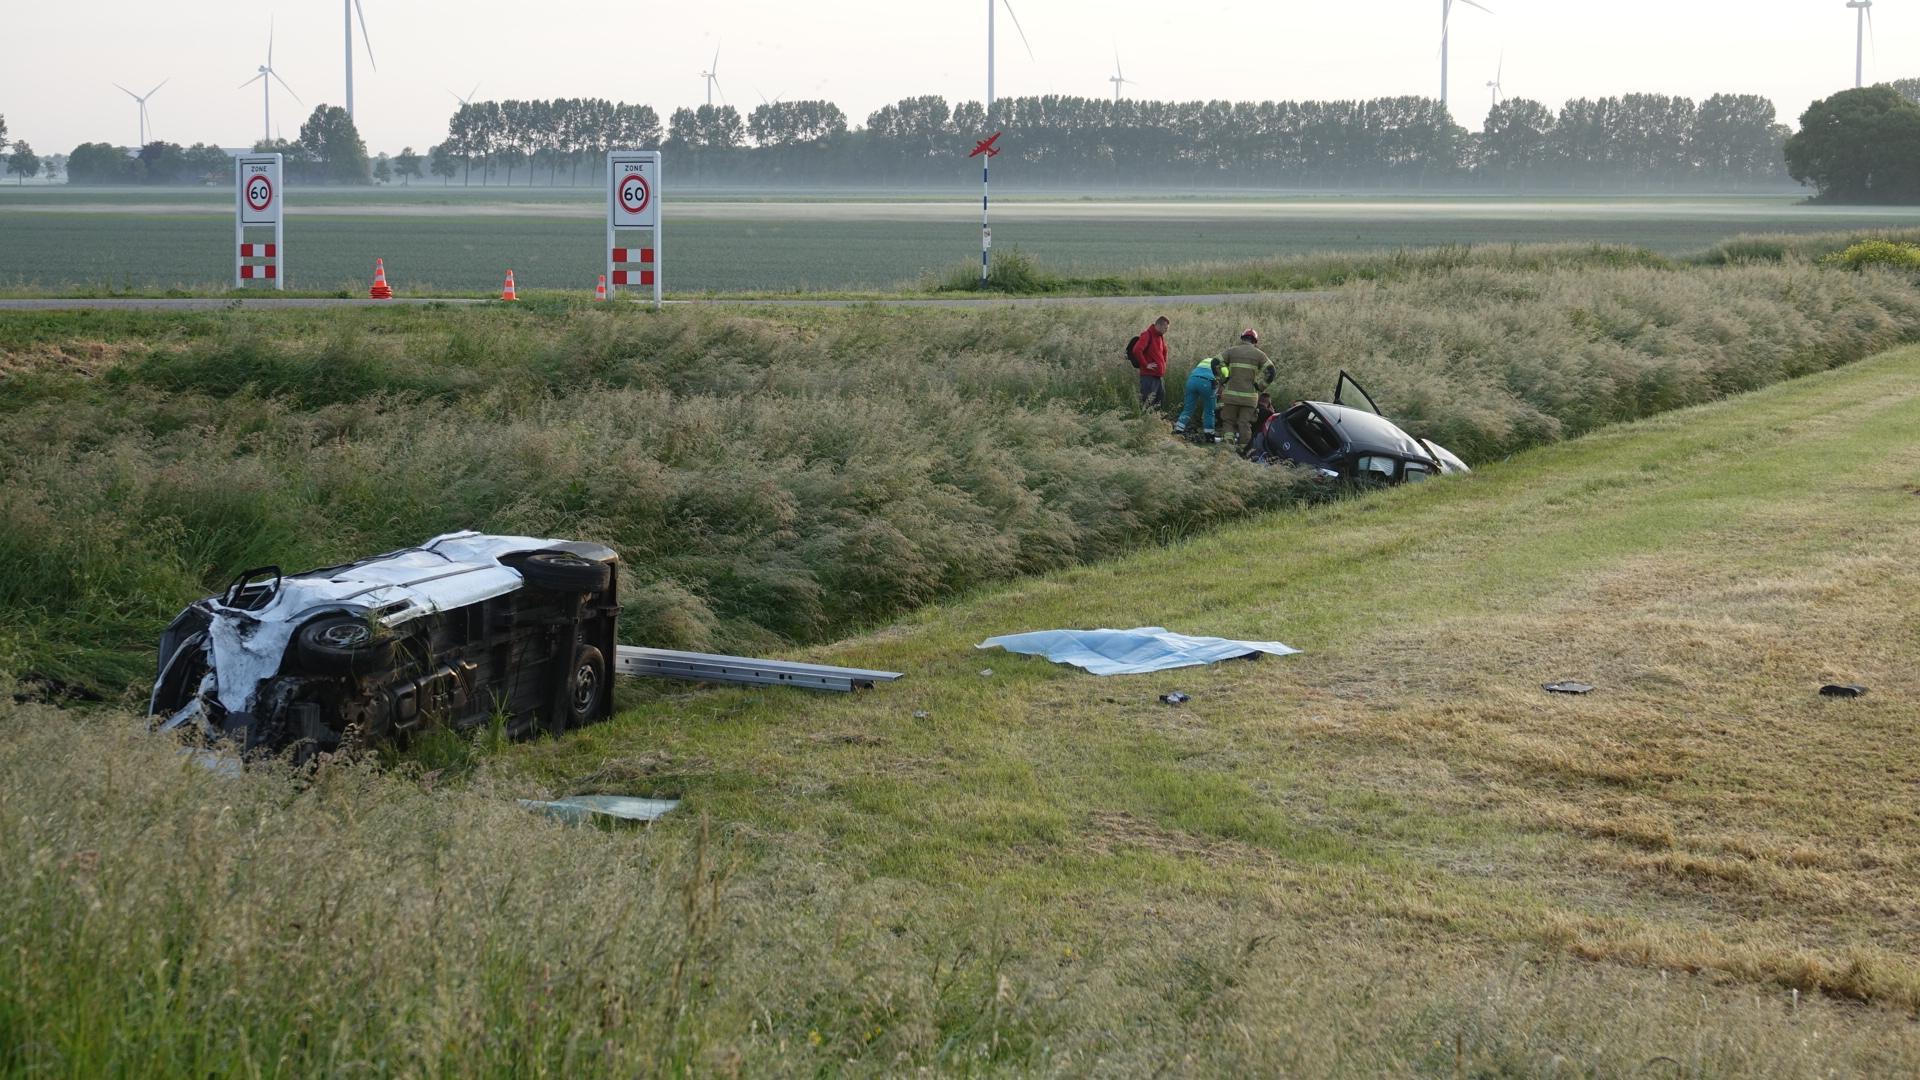 Negen mannen in een busje bij dodelijk ongeval Middenmeer, kan dat wel met de coronaregels? 'Dit is geen reclame voor onze branche'